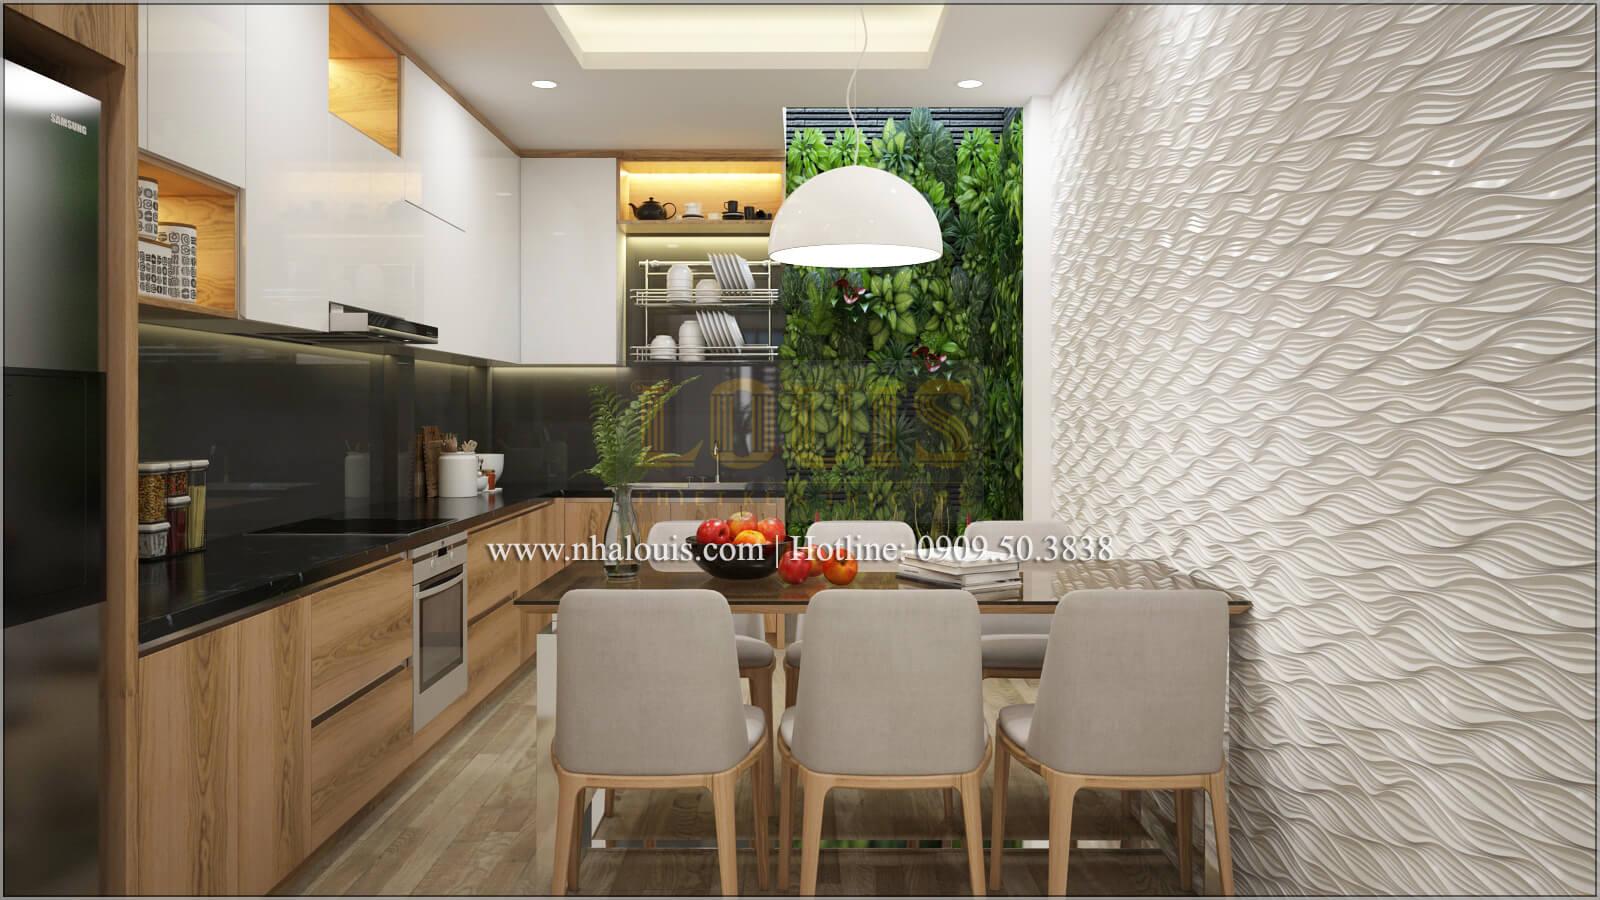 Bếp và phòng ăn Thiết kế nhà ống 4 tầng đầy đủ công năng hiện đại tại quận 3